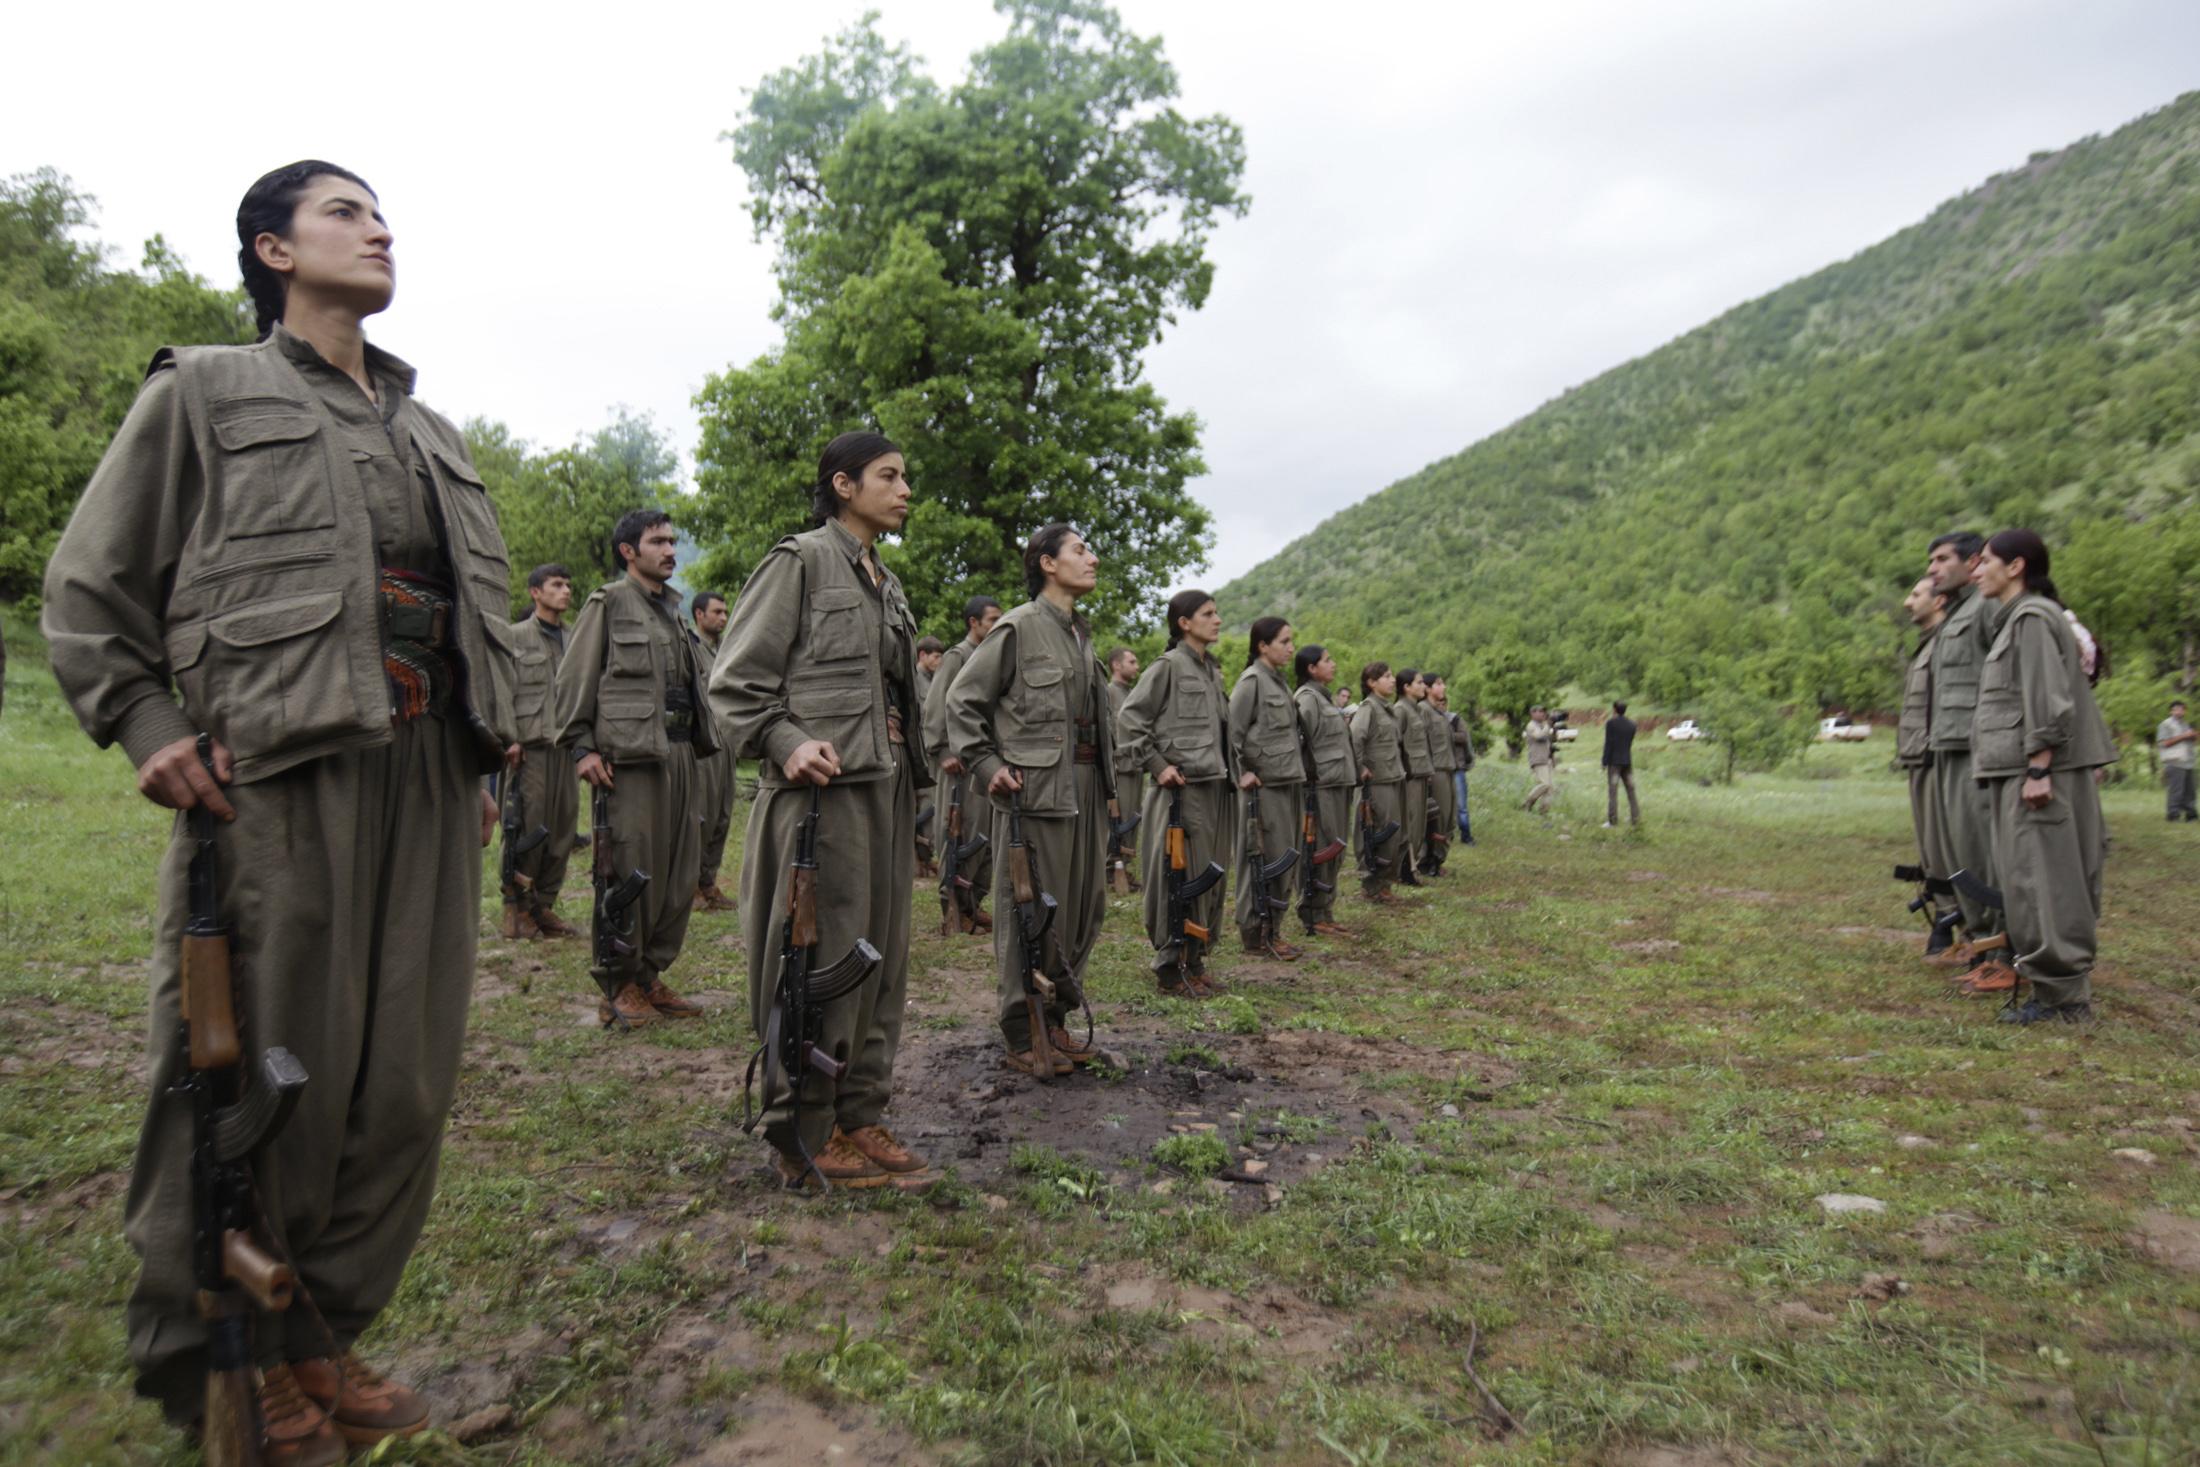 مقاتلون من حزب العمال الكردستاني في شمال العراق- أرشيف